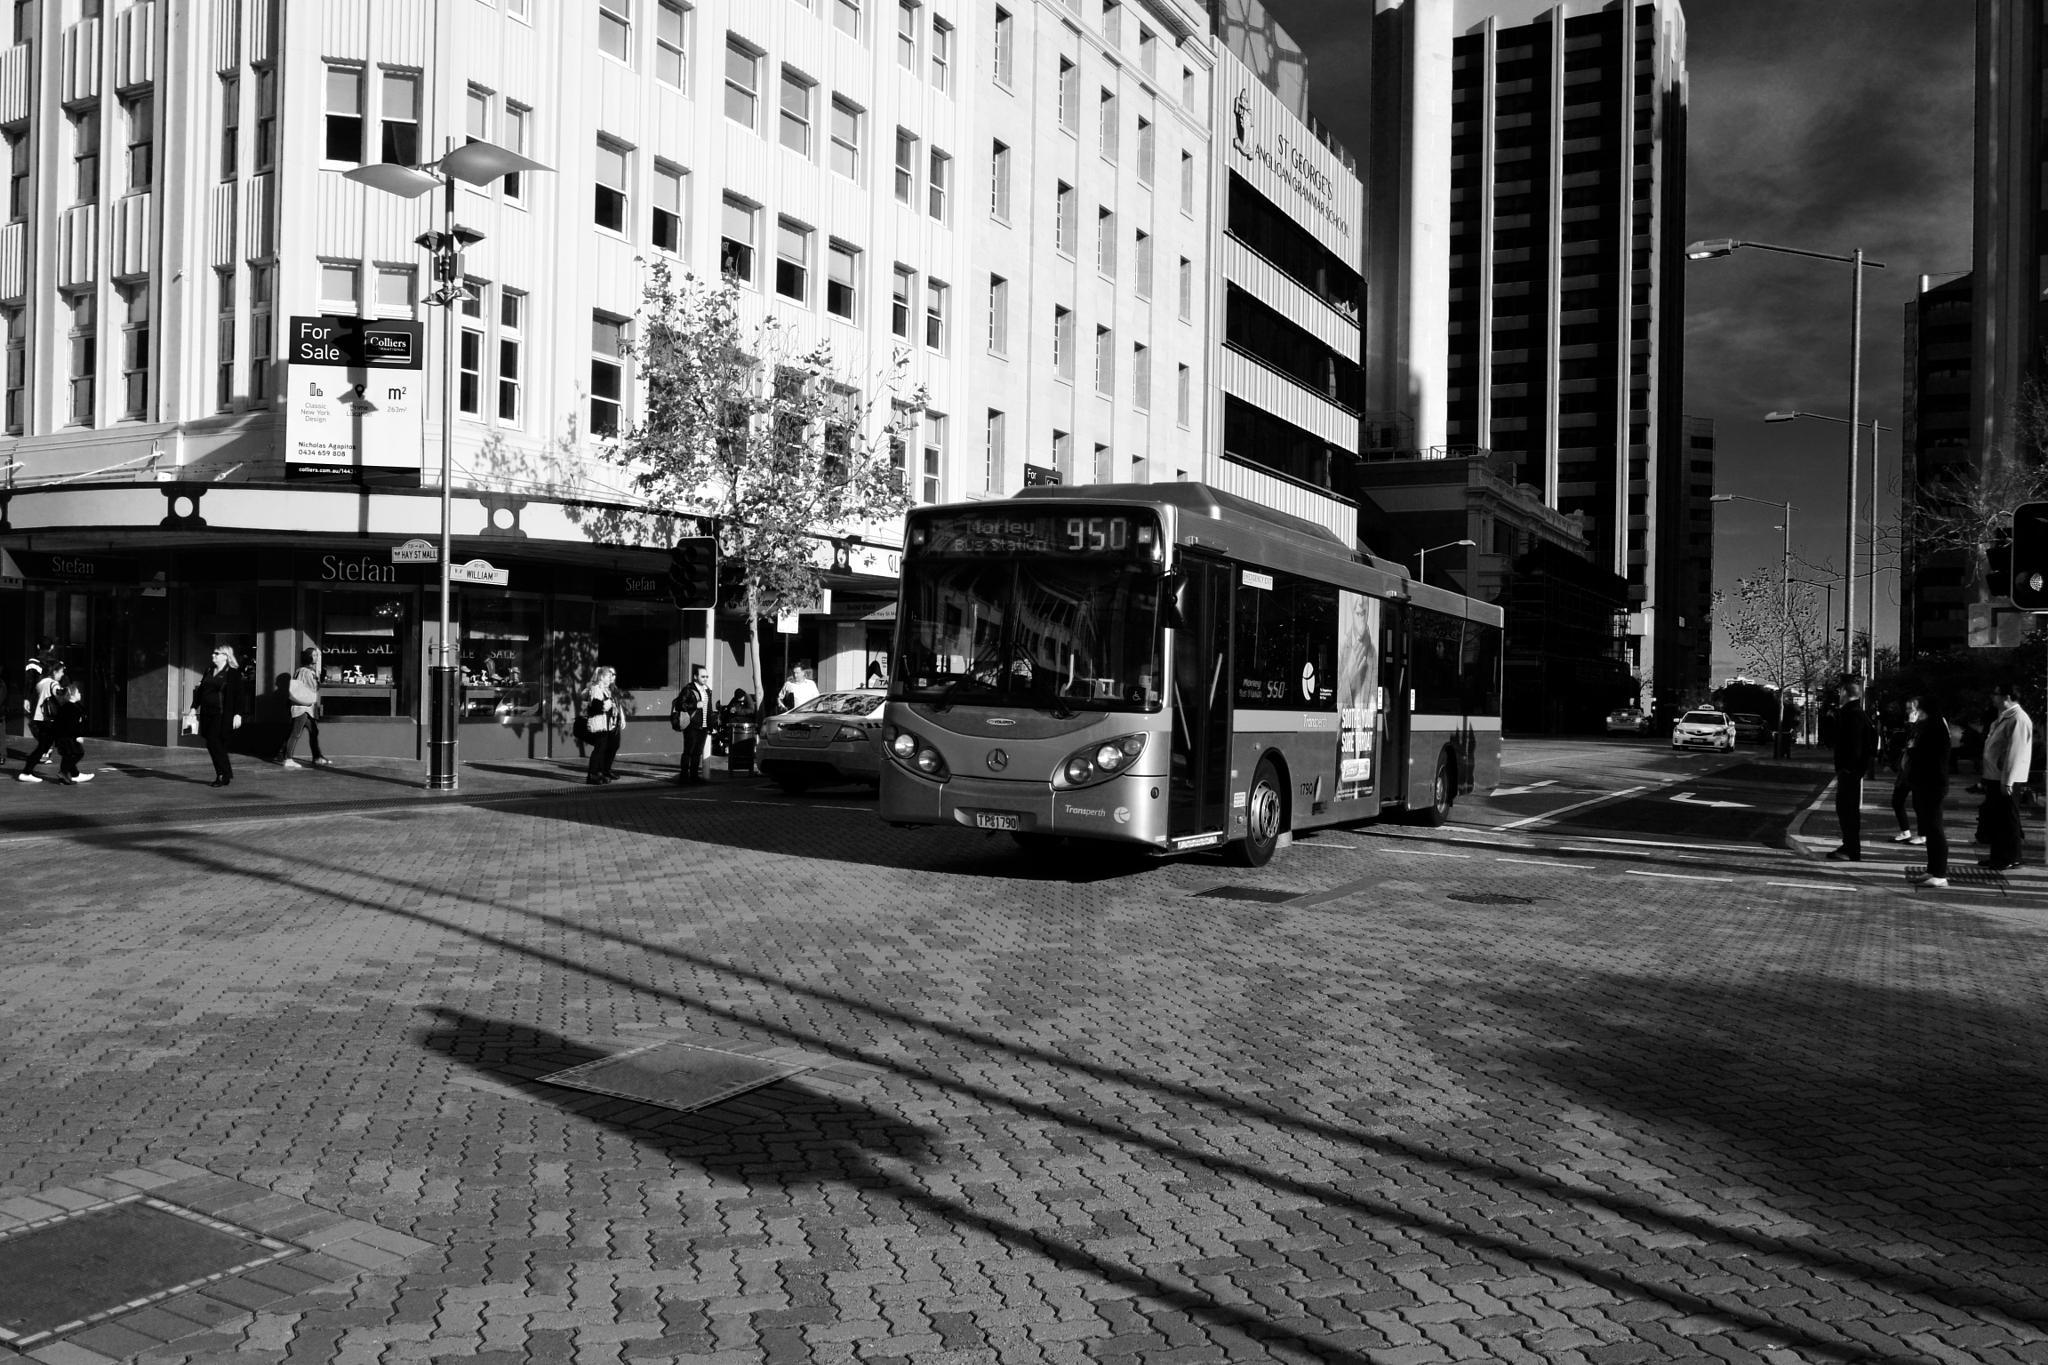 CITY BuS by PRasad Ahirrao